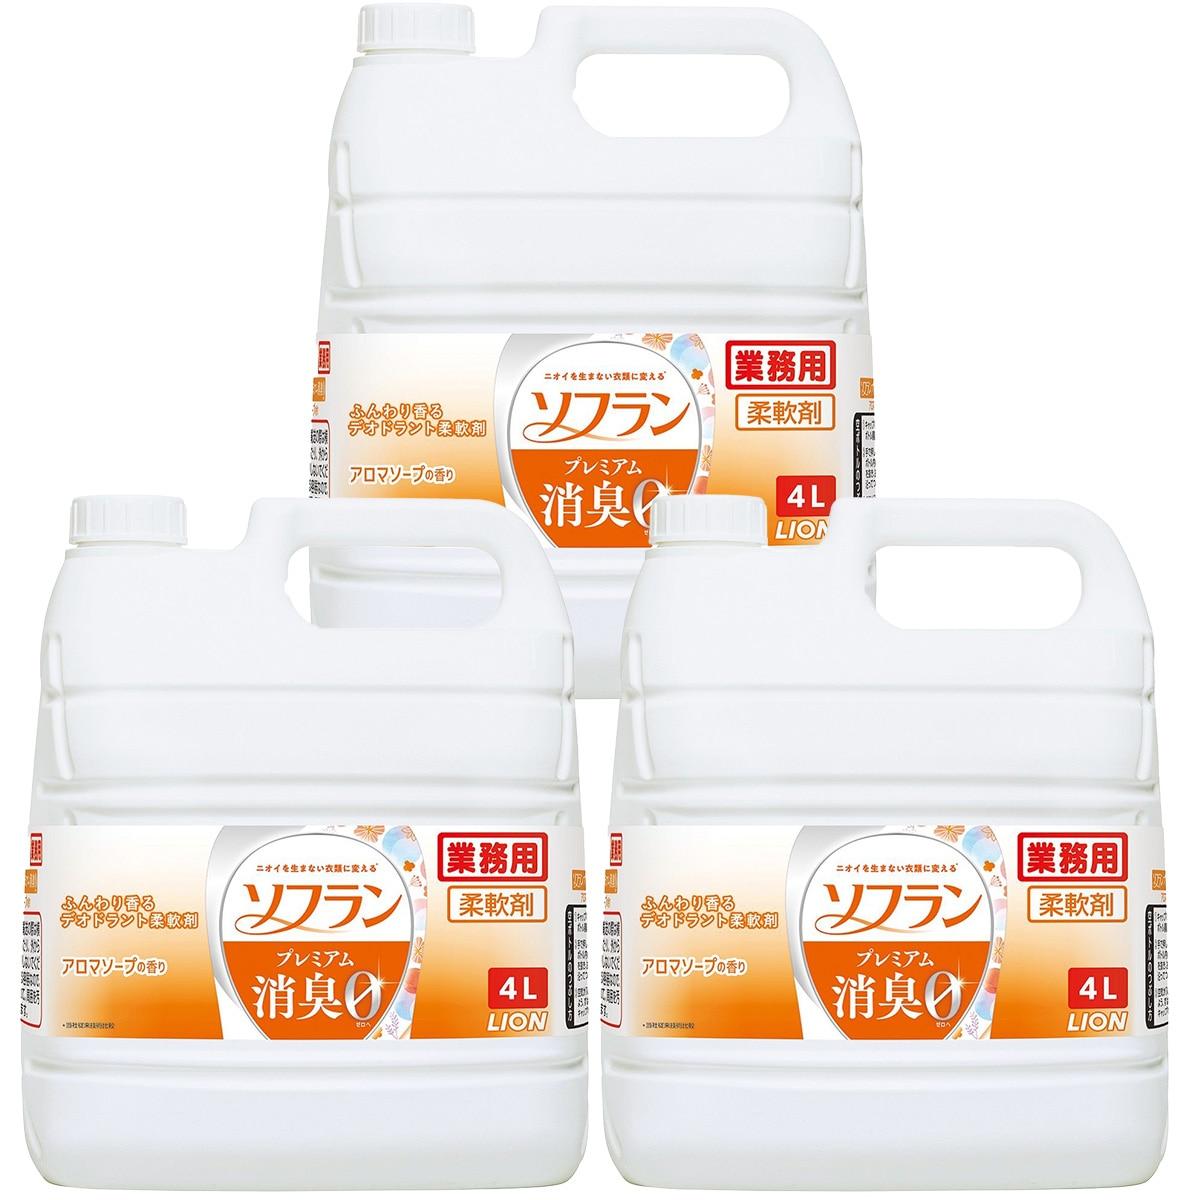 ライオンハイジーン ソフラン プレミアム消臭 柔軟剤 アロマソープの香り 業務用 4L×3個